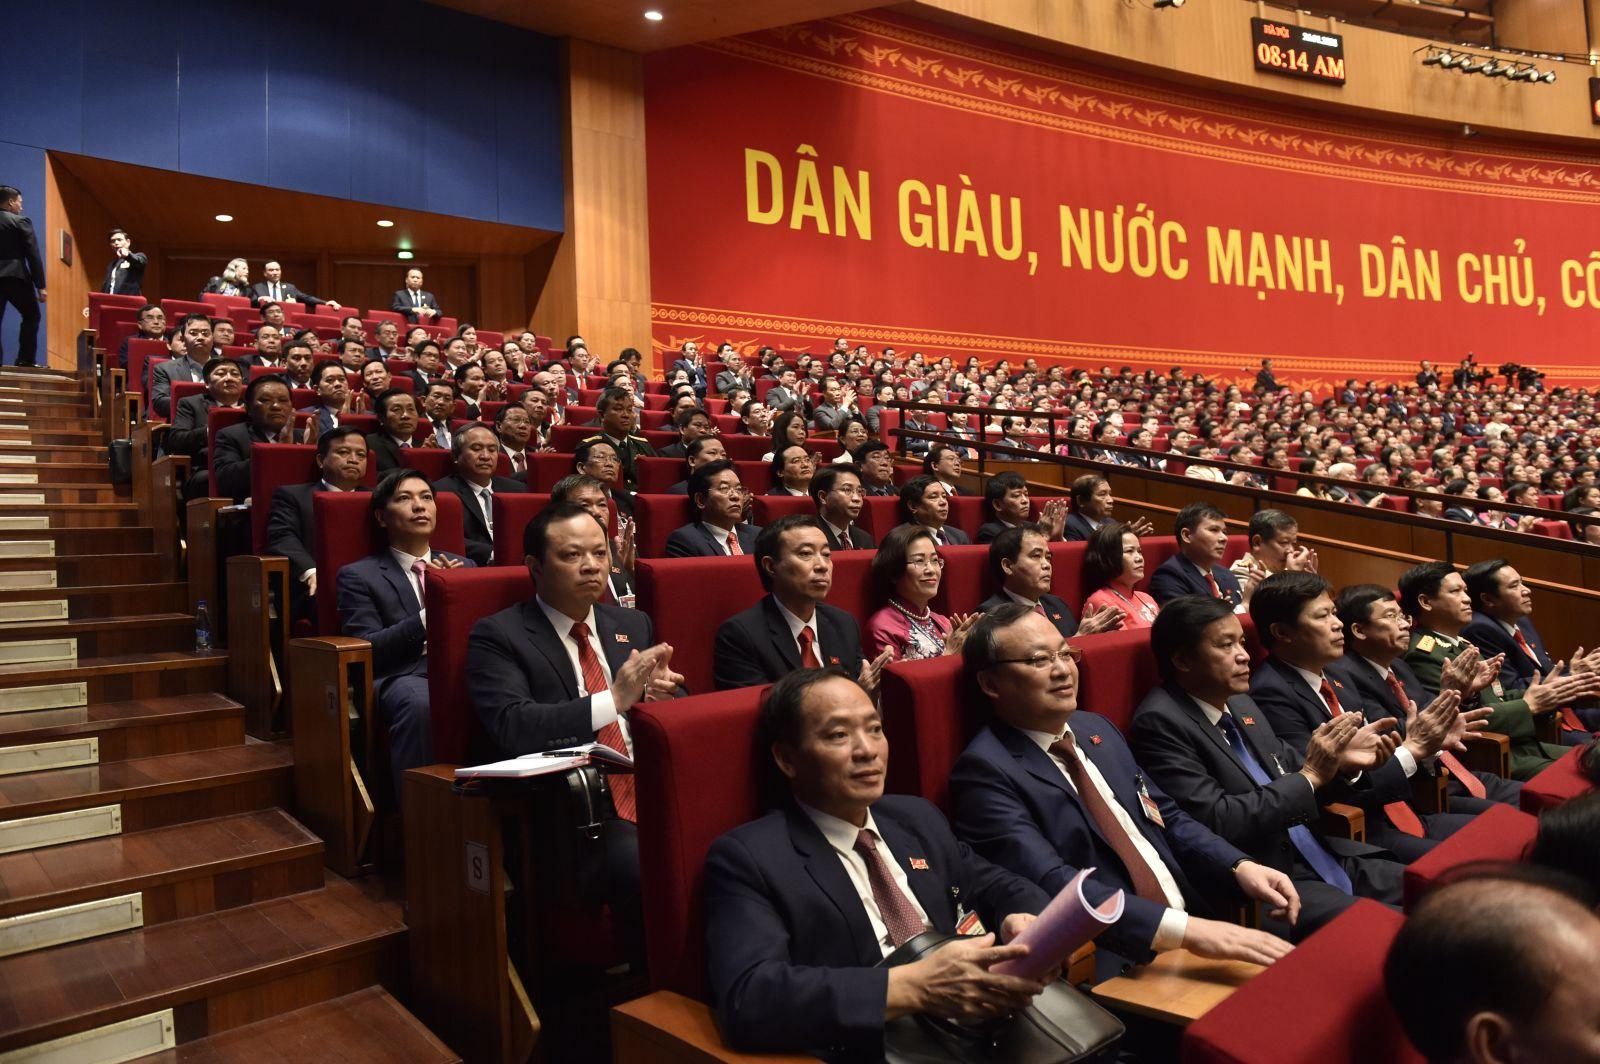 Đại hội XIII: Đang tìm nhân tài gánh vác trọng trách quốc gia